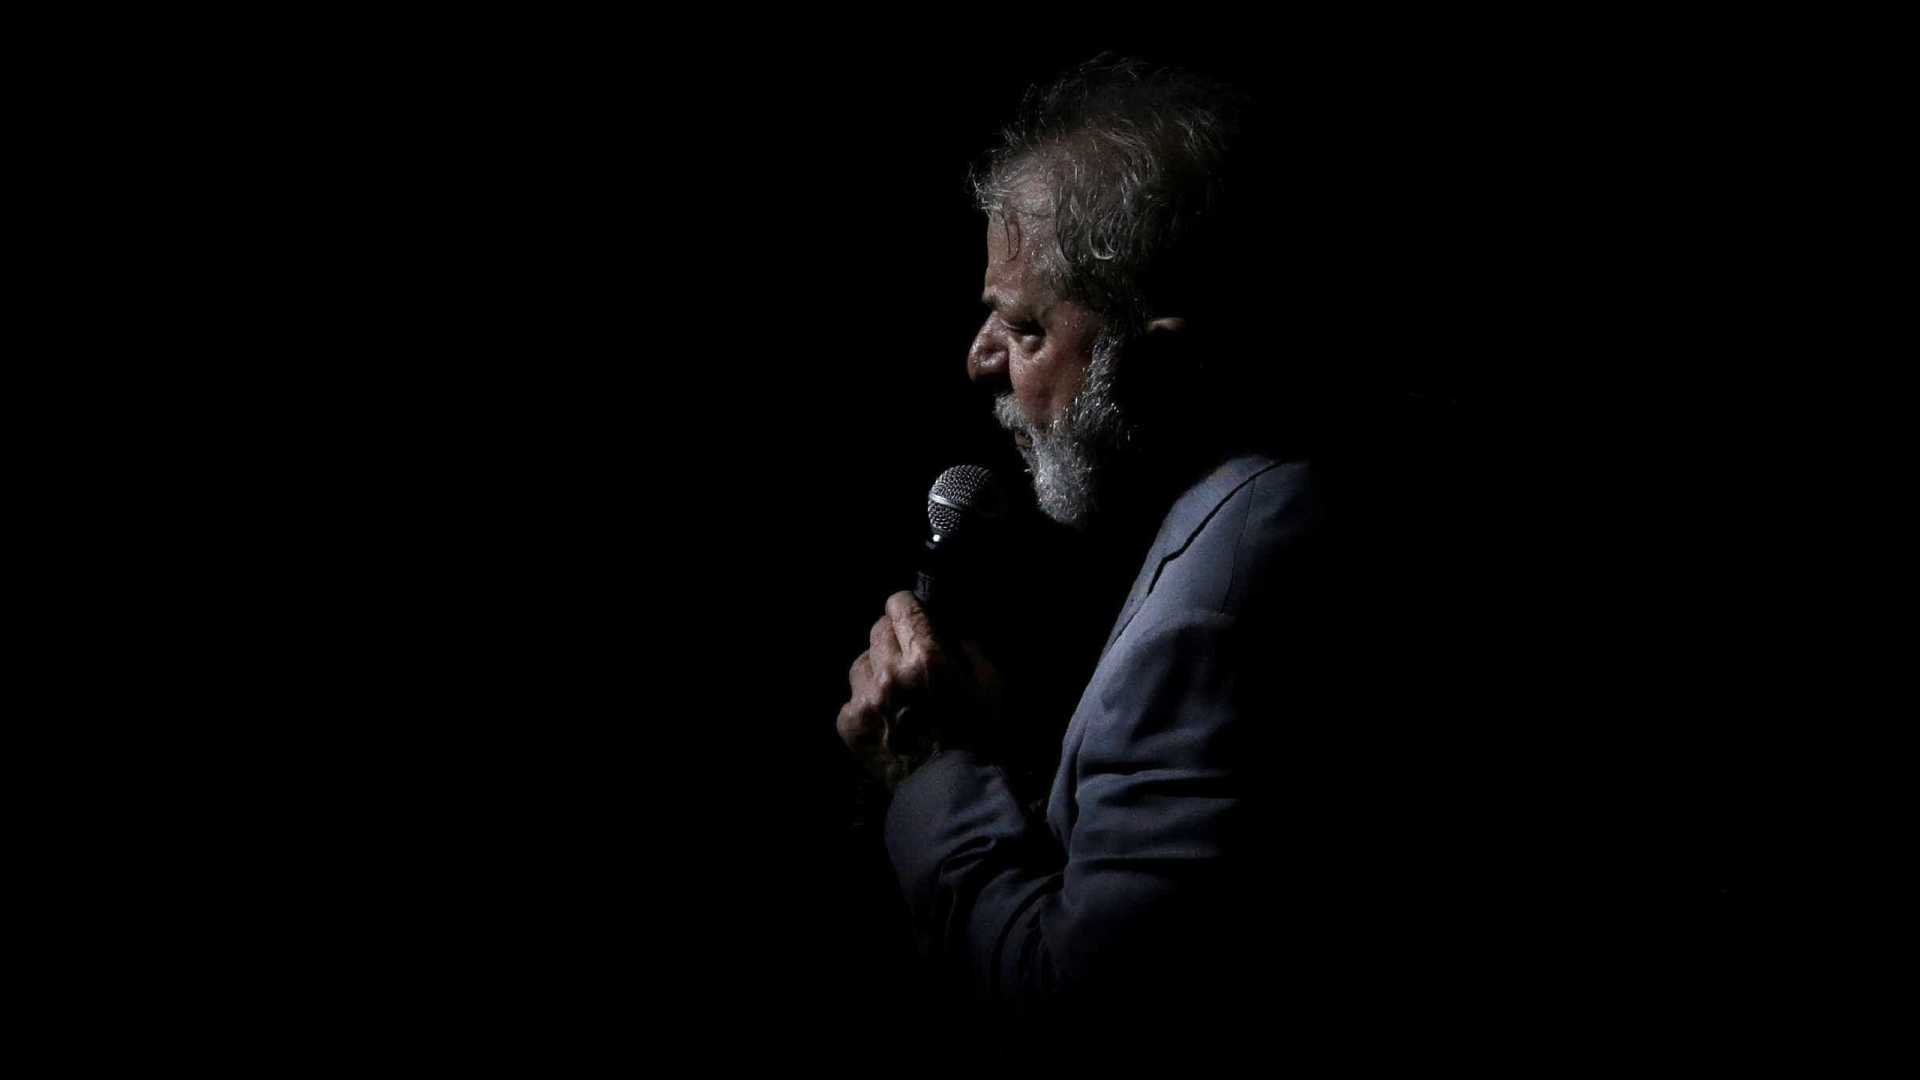 222 days after political imprisonment, Lula speaks